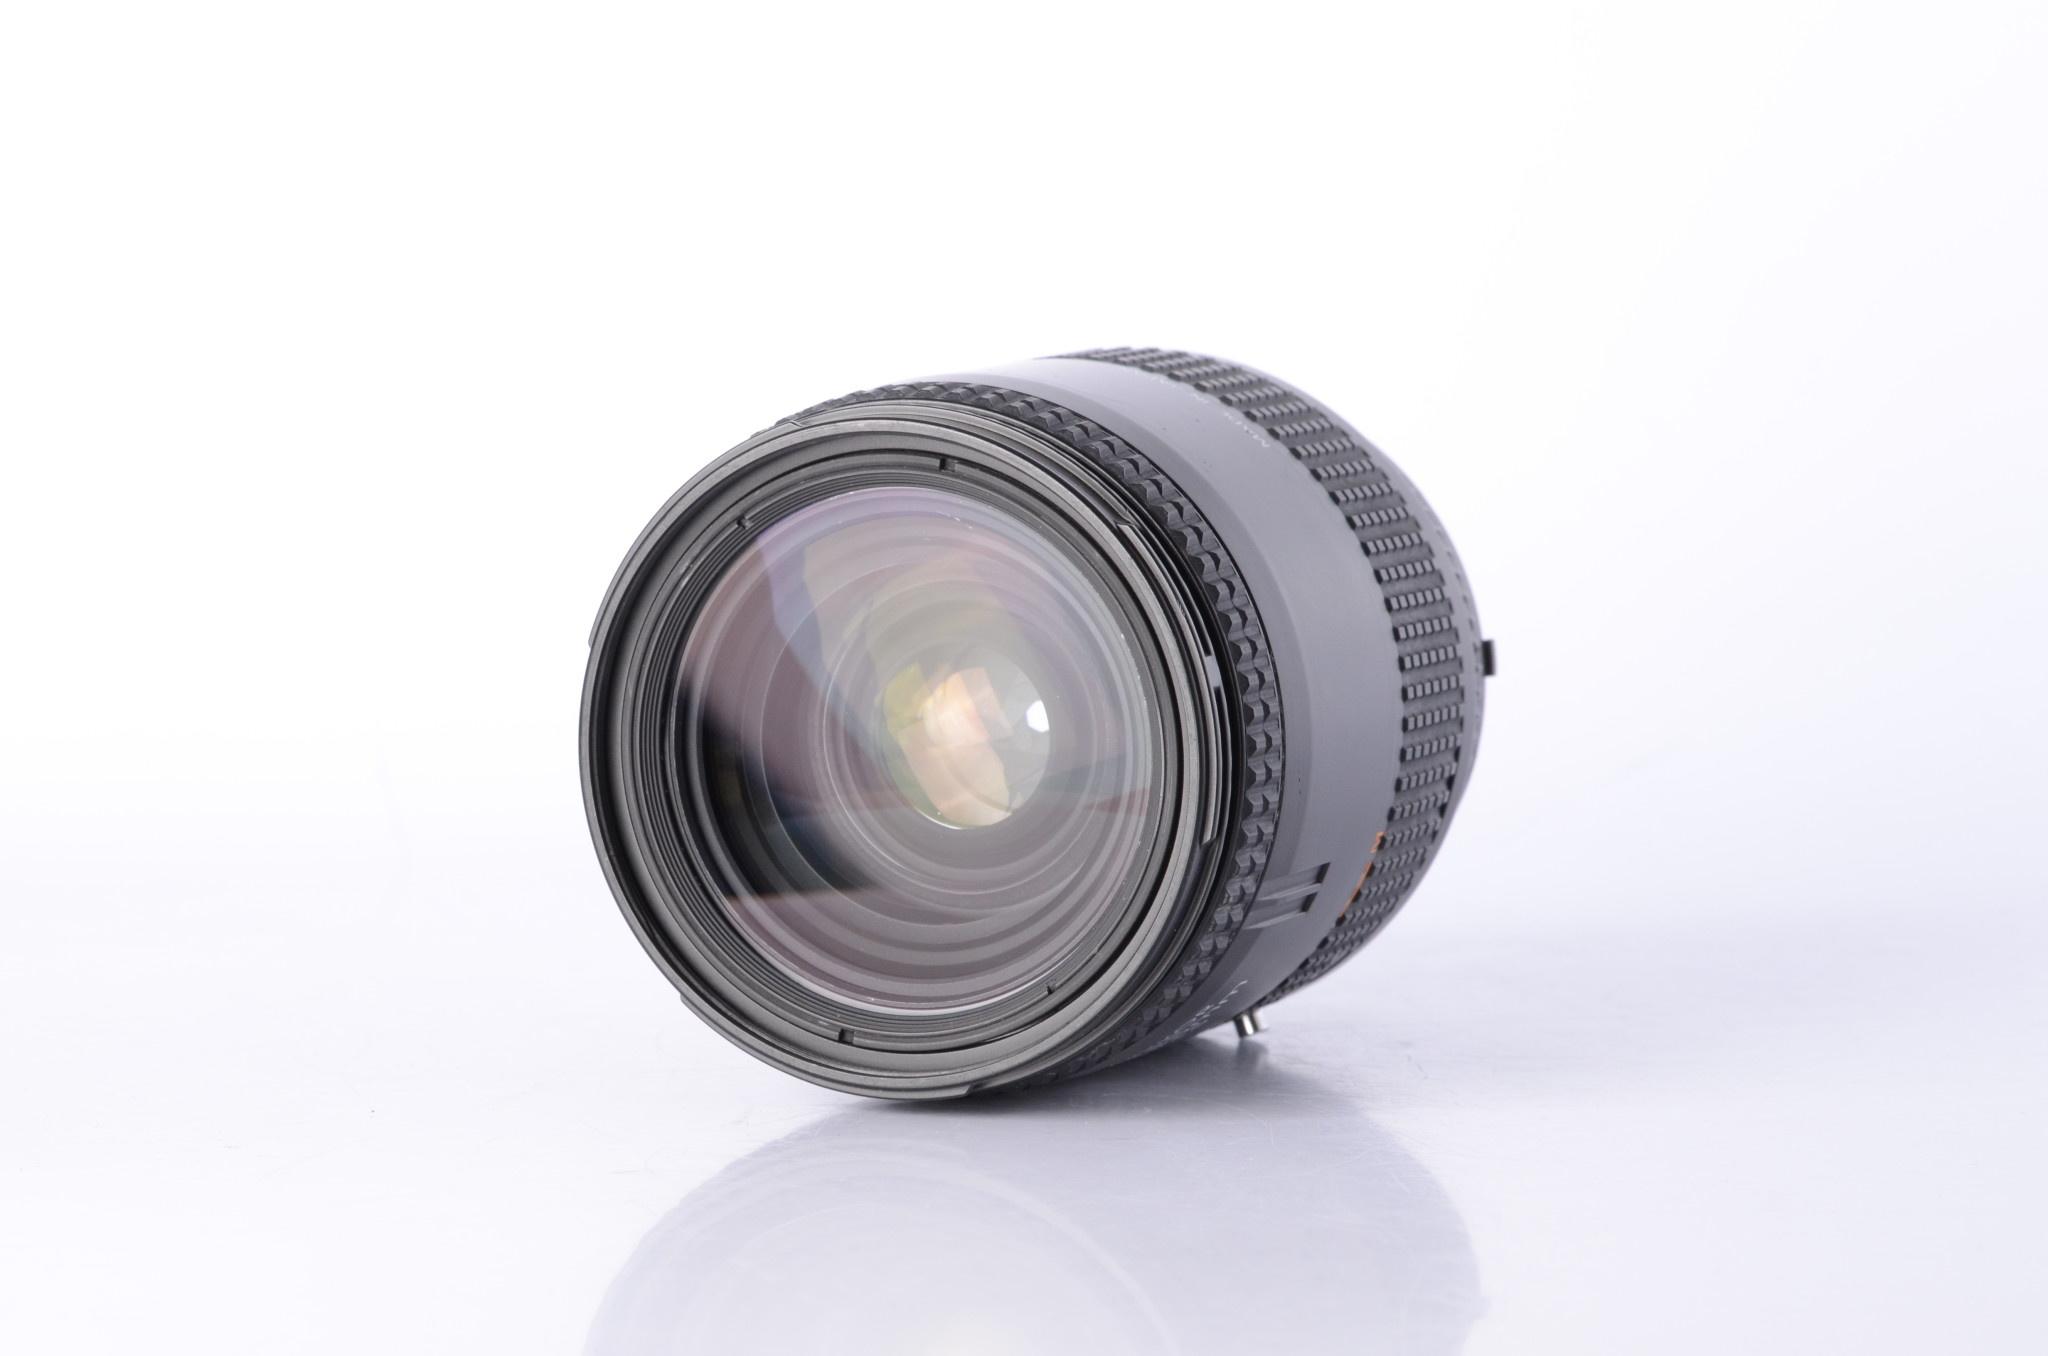 Nikon Nikon 28-85mm f/3.5-4.5 Zoom Lens  SN: 3203771 *